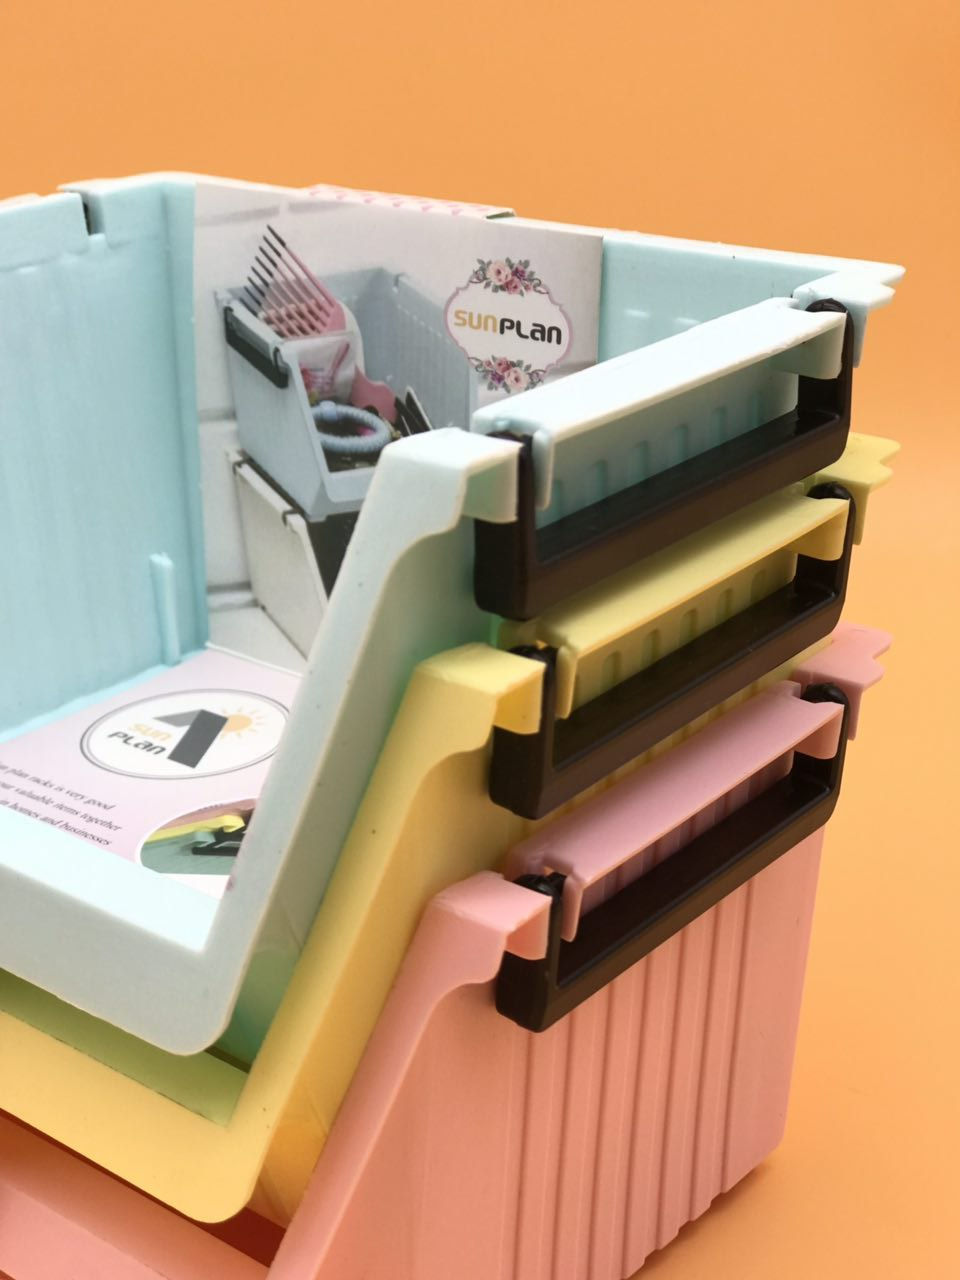 خرید پستی  فایل و باکس 3طبقه ی sun plan